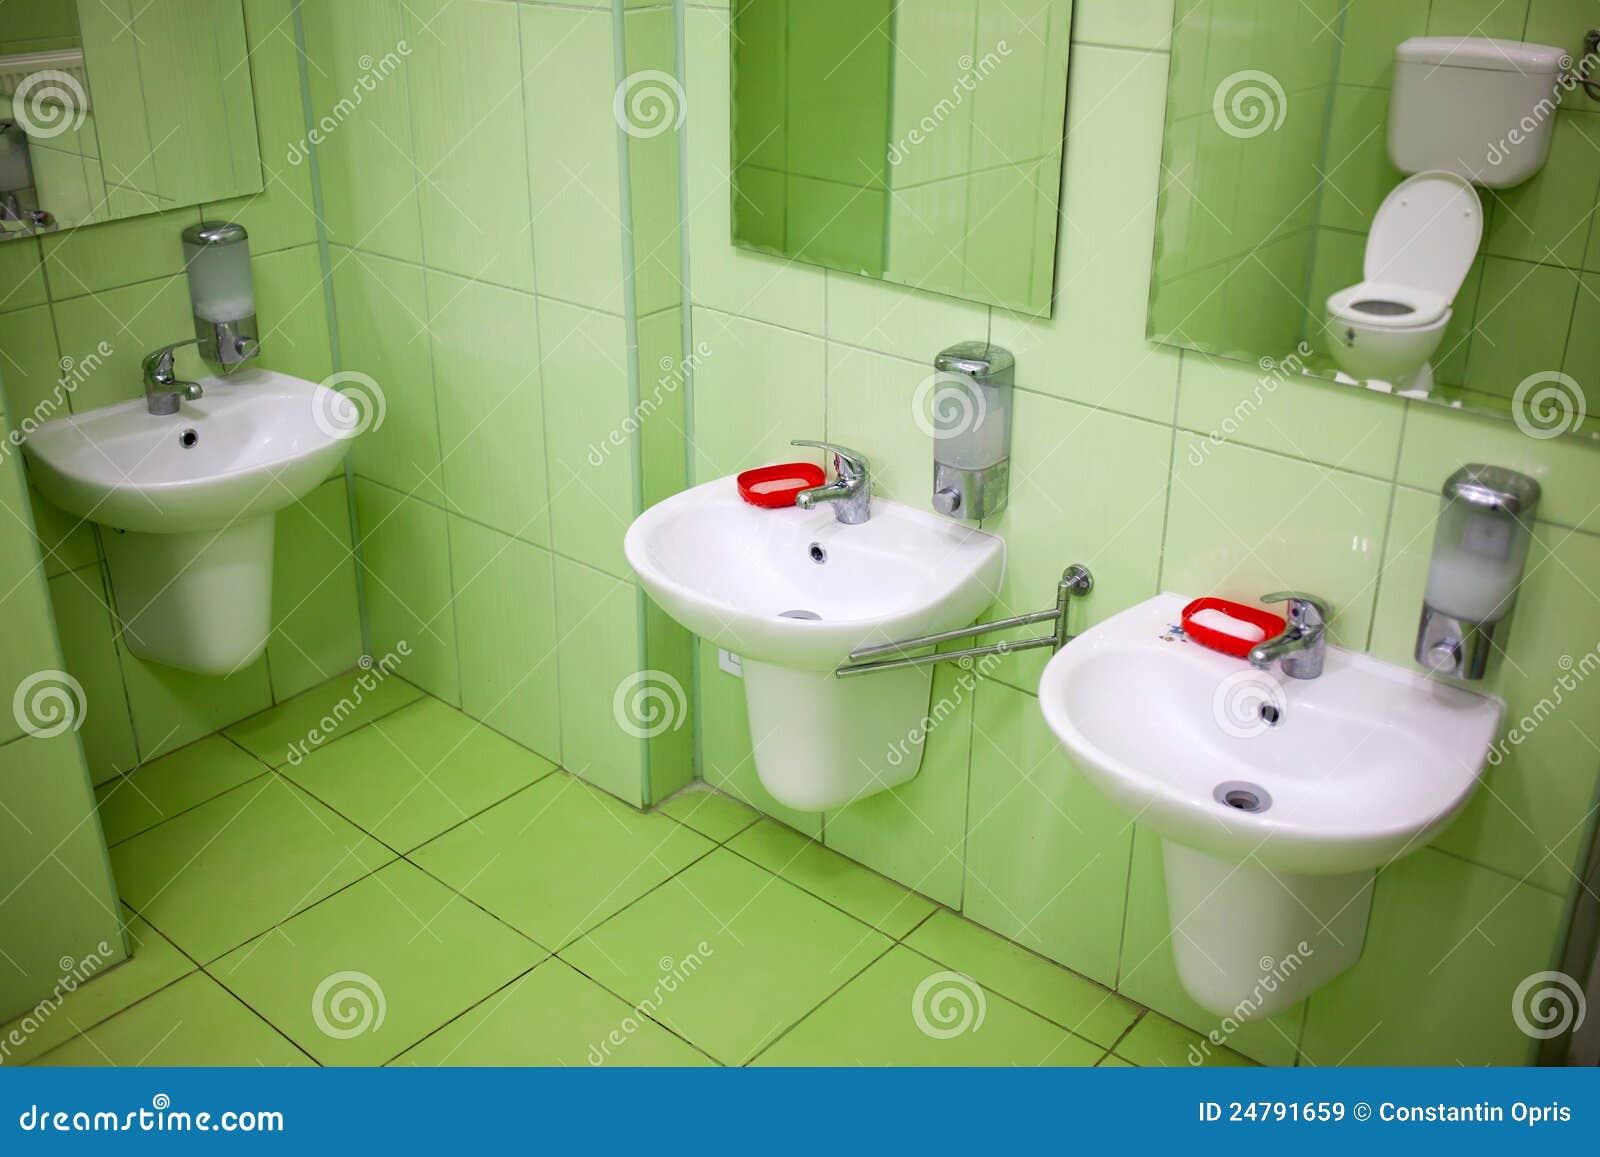 toilette et salle de toilette d 39 enfants images libres de. Black Bedroom Furniture Sets. Home Design Ideas